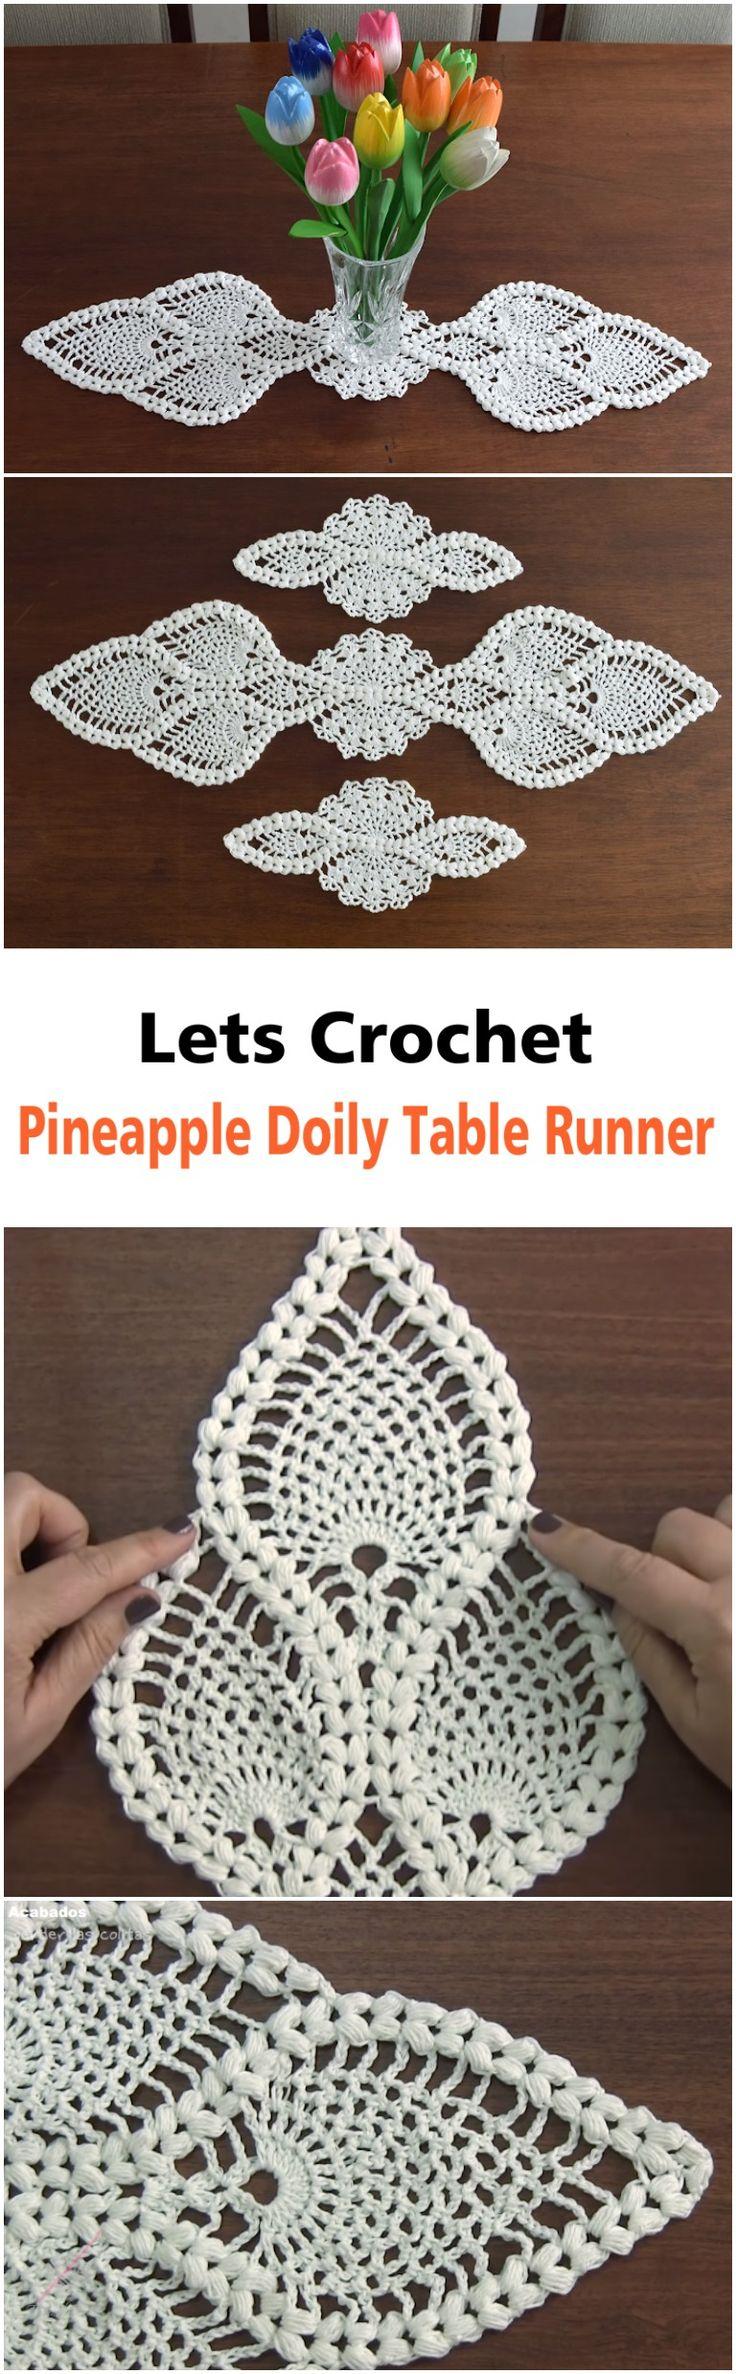 Pineapple Doily Table Runner